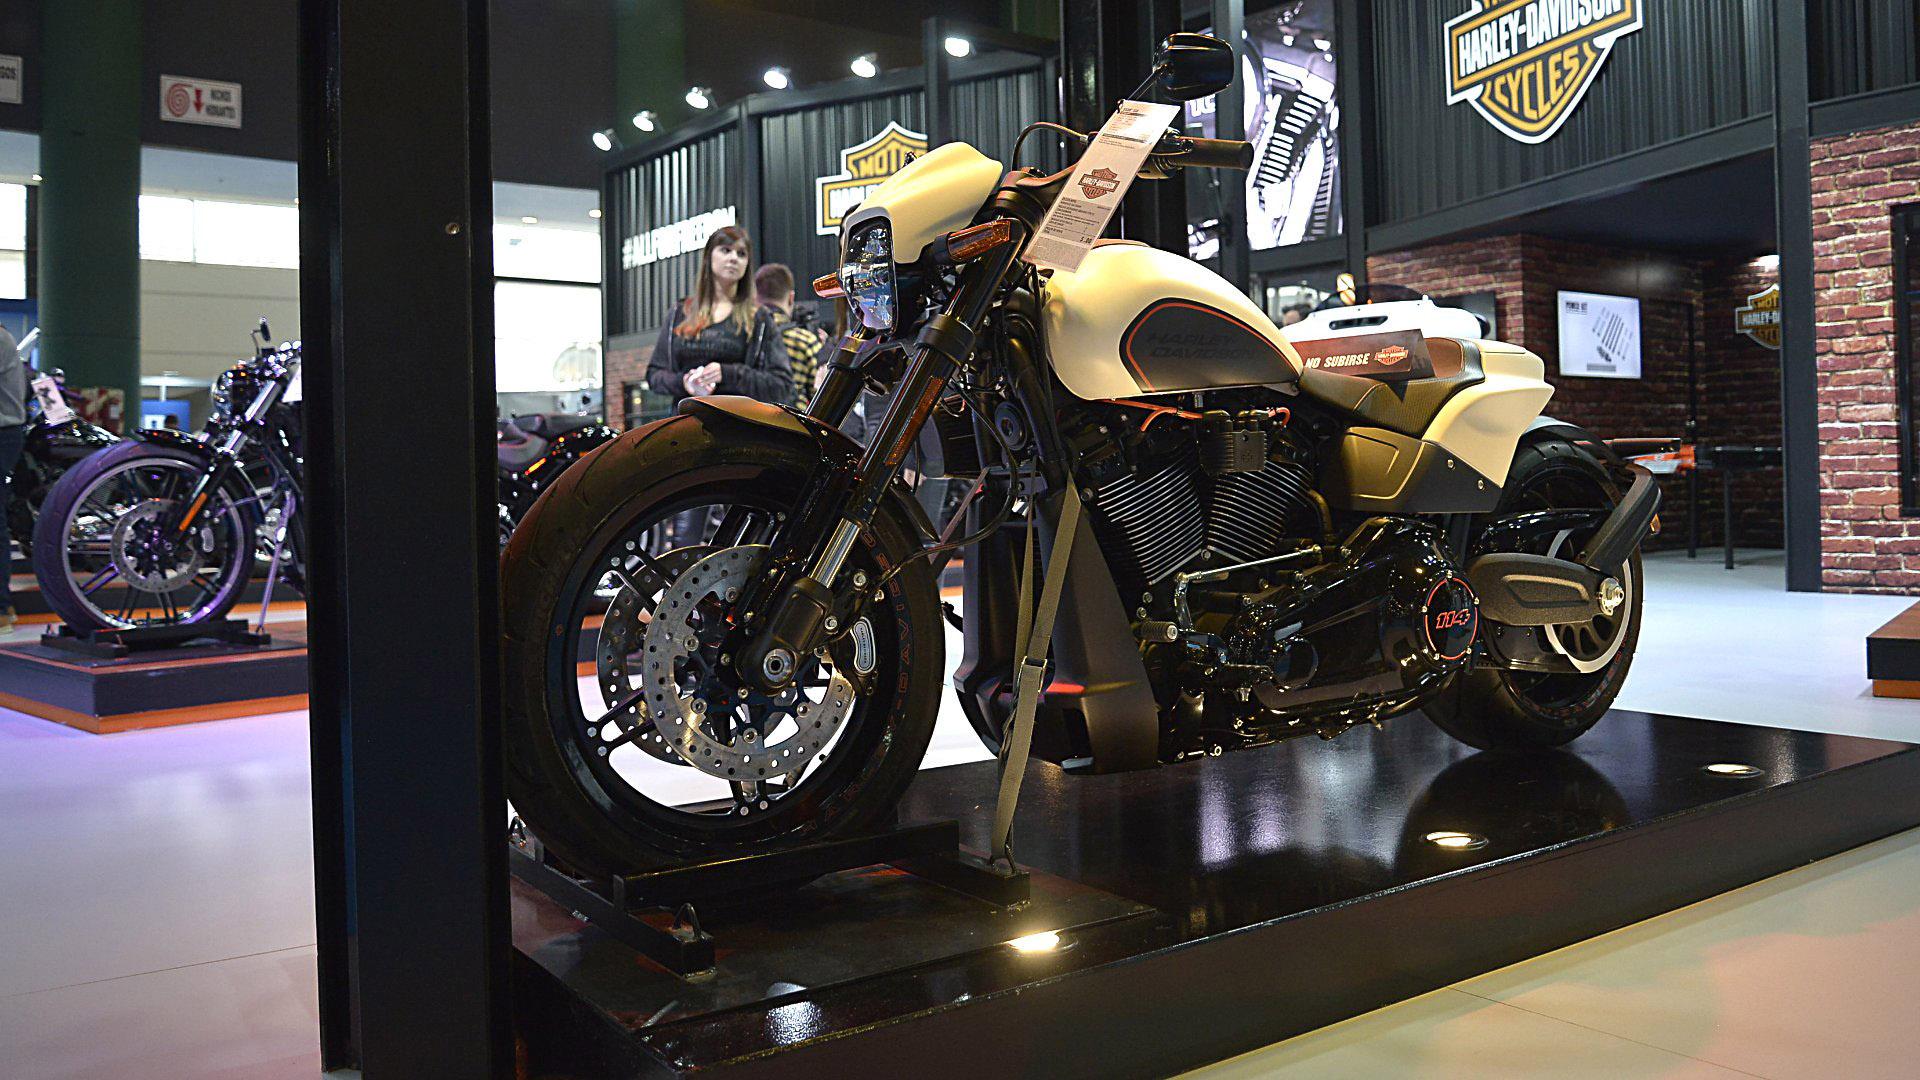 """Harley-Davidson, la marca estadounidense de culto """"motoquero"""", presentó una novedad absoluta para el mercado argentino. La FXDR 114 es, según la visión de la firma, """"todo un festín para los ojos con unas prestaciones y un carácter sin ataduras, rápida en las rectas, ágil en las curvas"""". Su cilindrada es de1868 cc"""